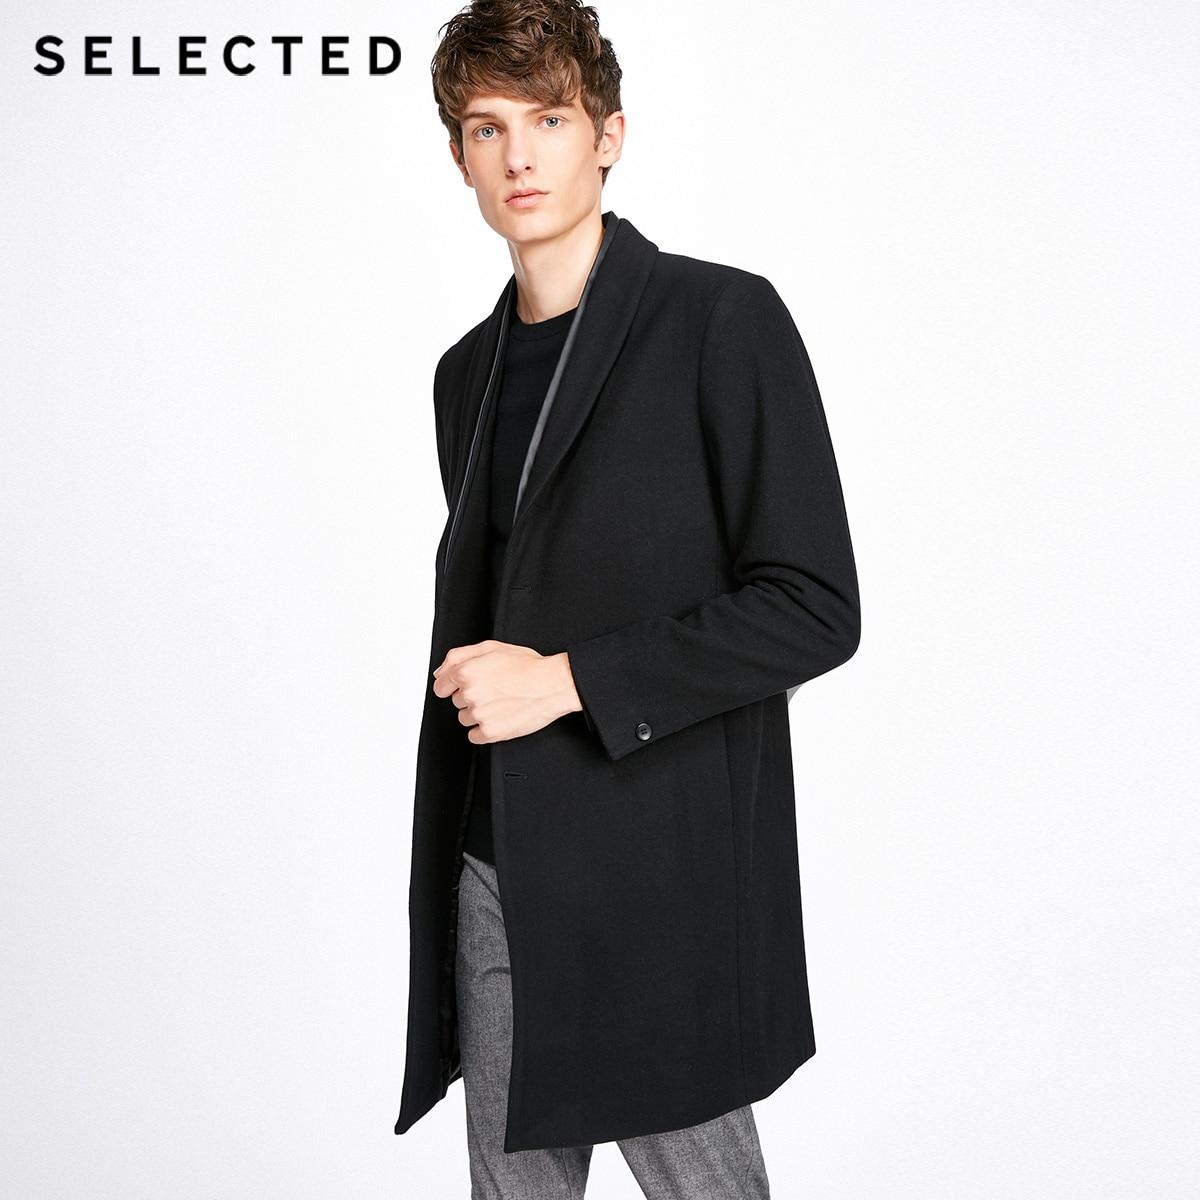 Kaufen Günstig AUSGEWÄHLT Enthält Lange Wolle Woll Mantel